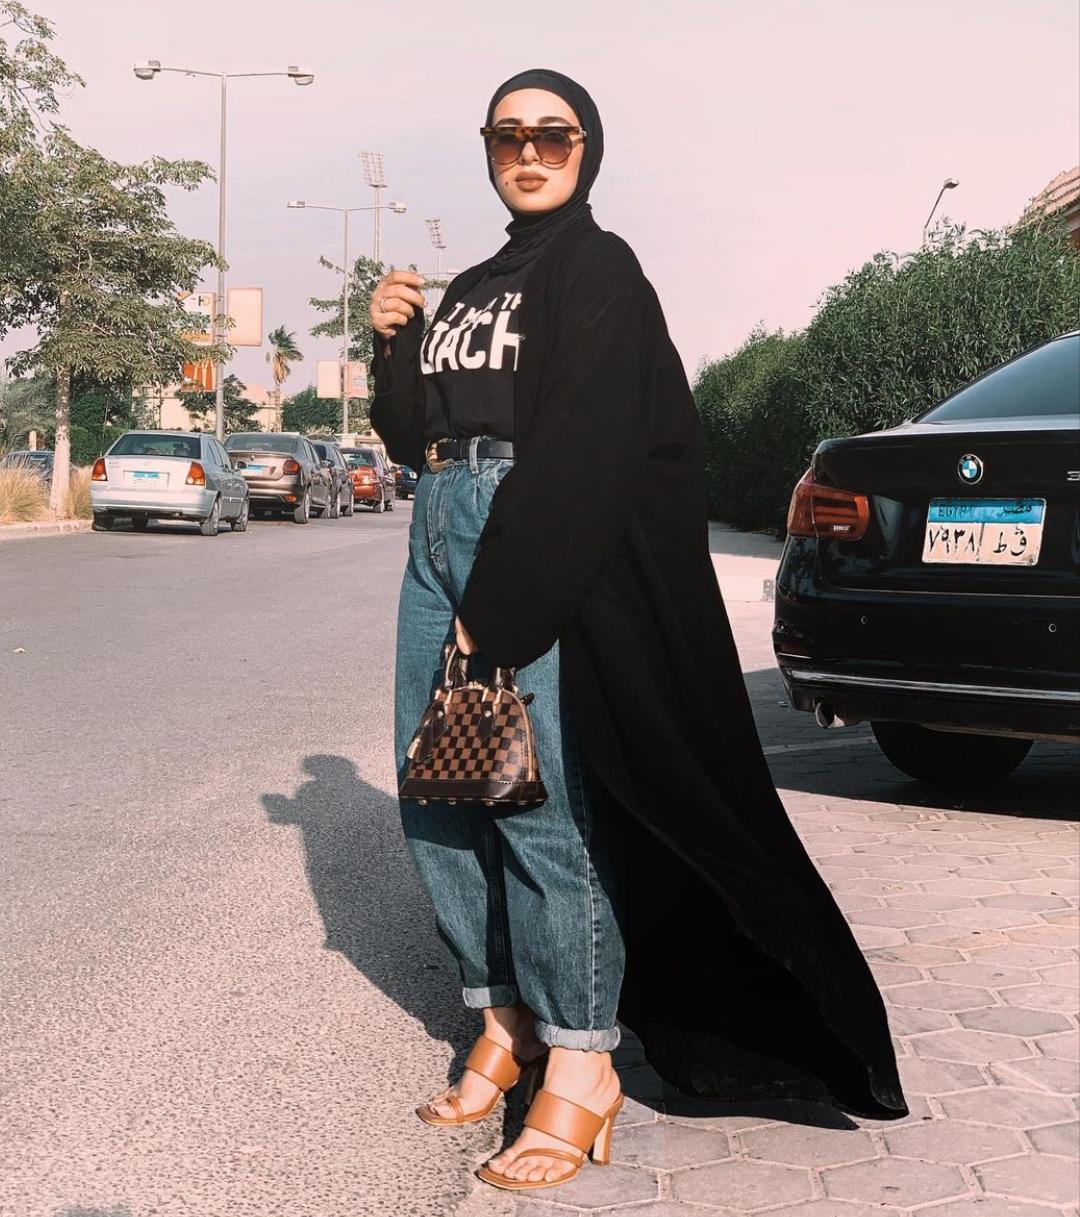 إطلالات العبايات السوداء مع الأزياء الكاجوال